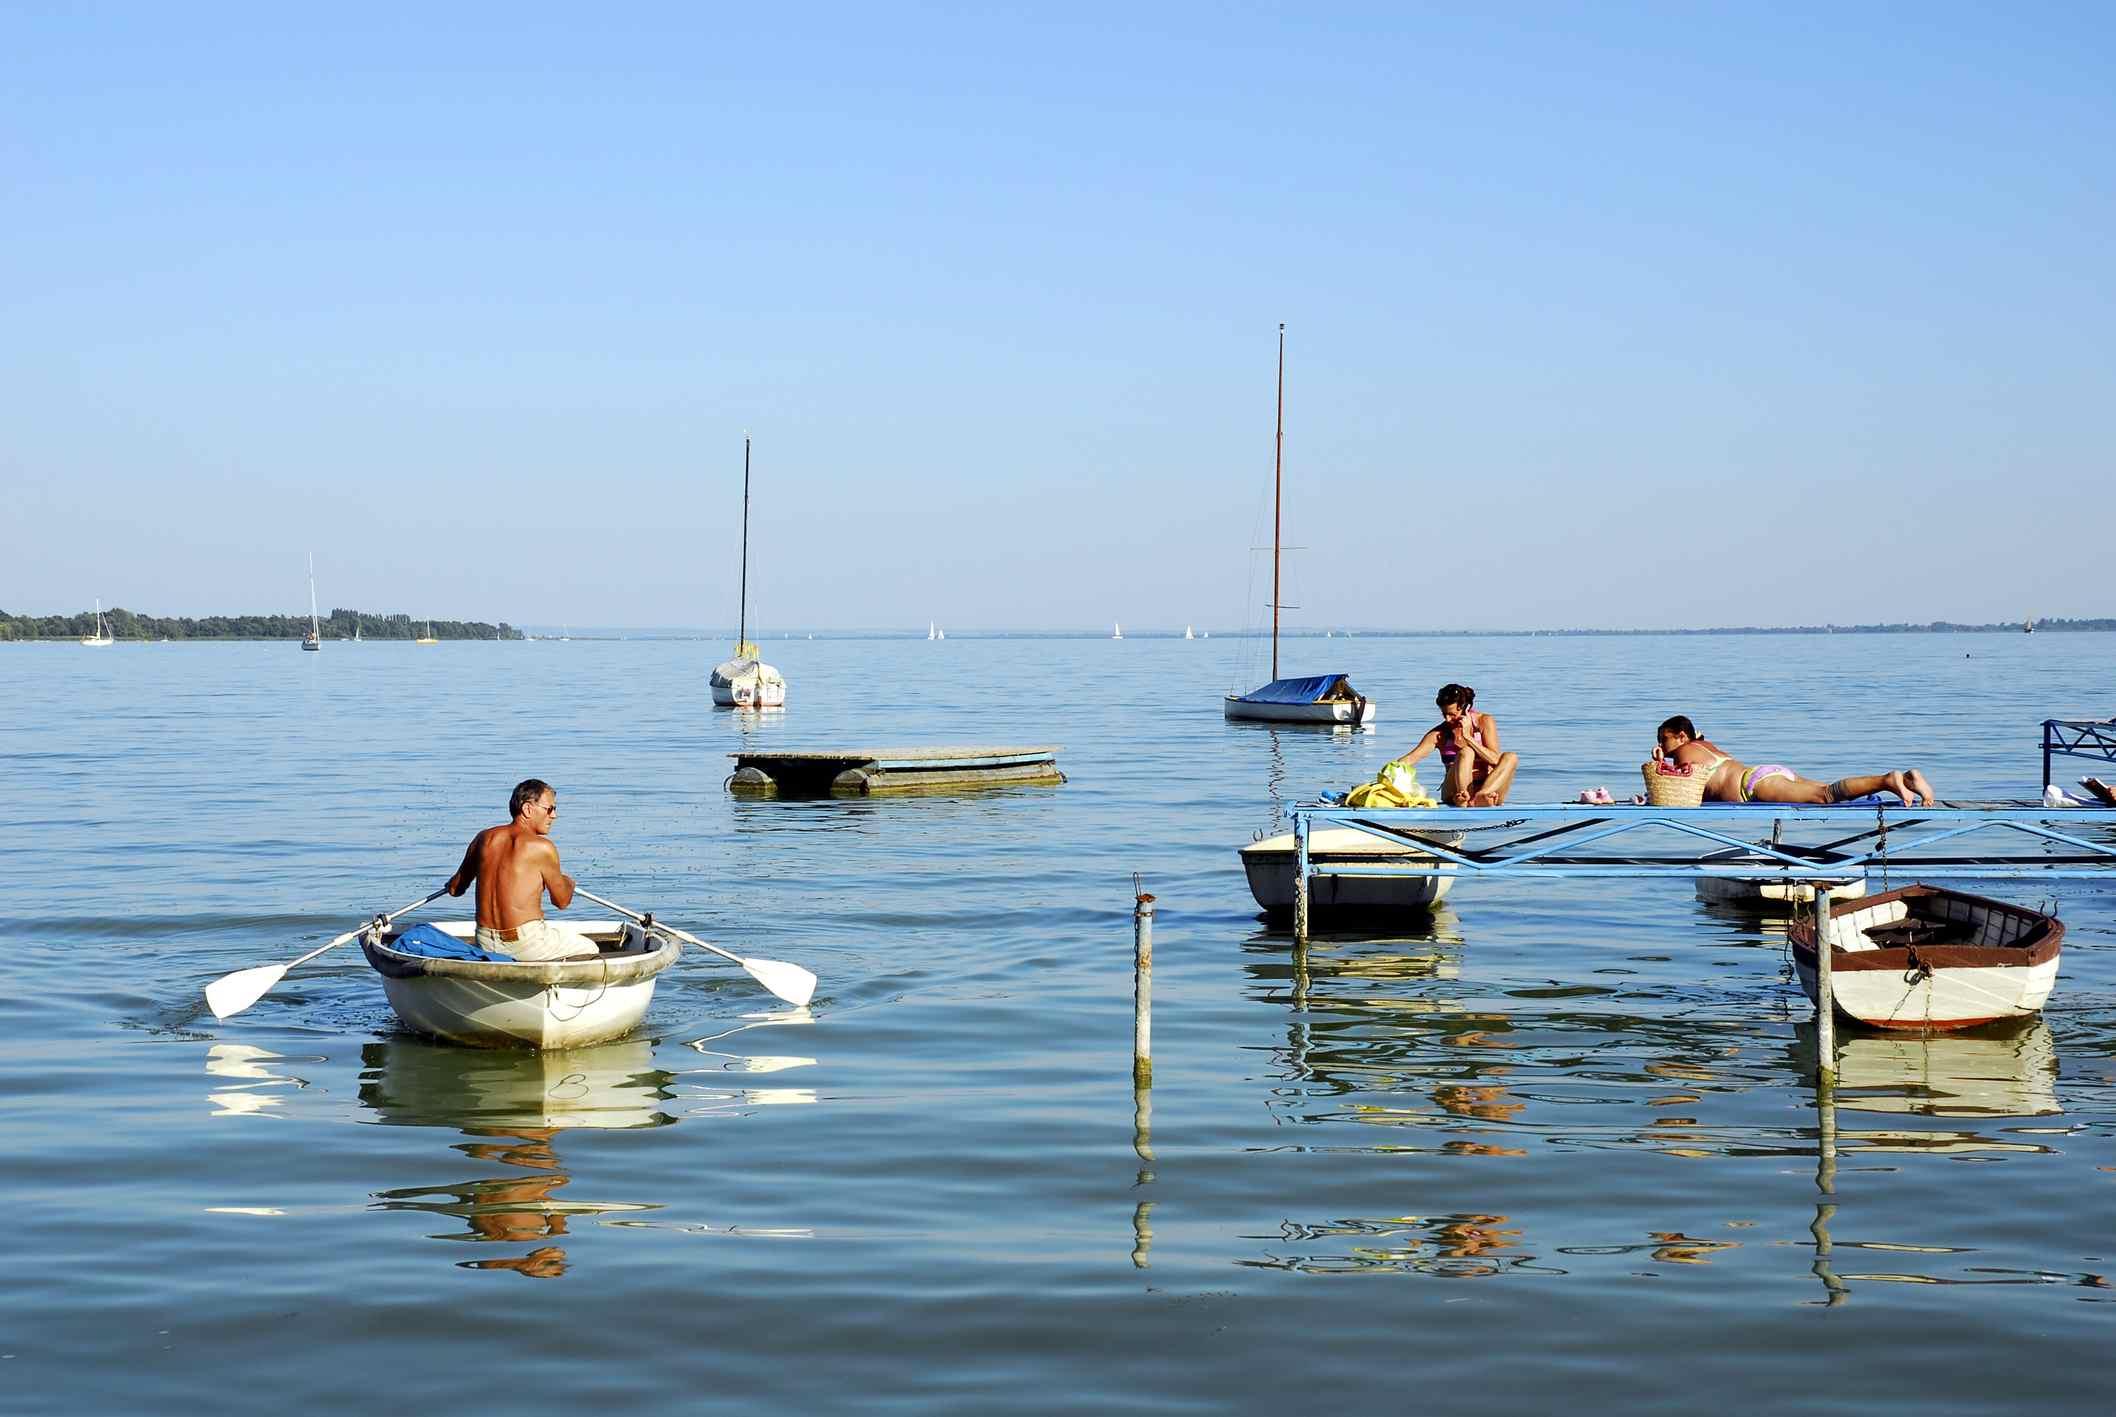 Women sunbathing on a jetty between boats, Keszthely, Lake Balaton, Hungary, Europe